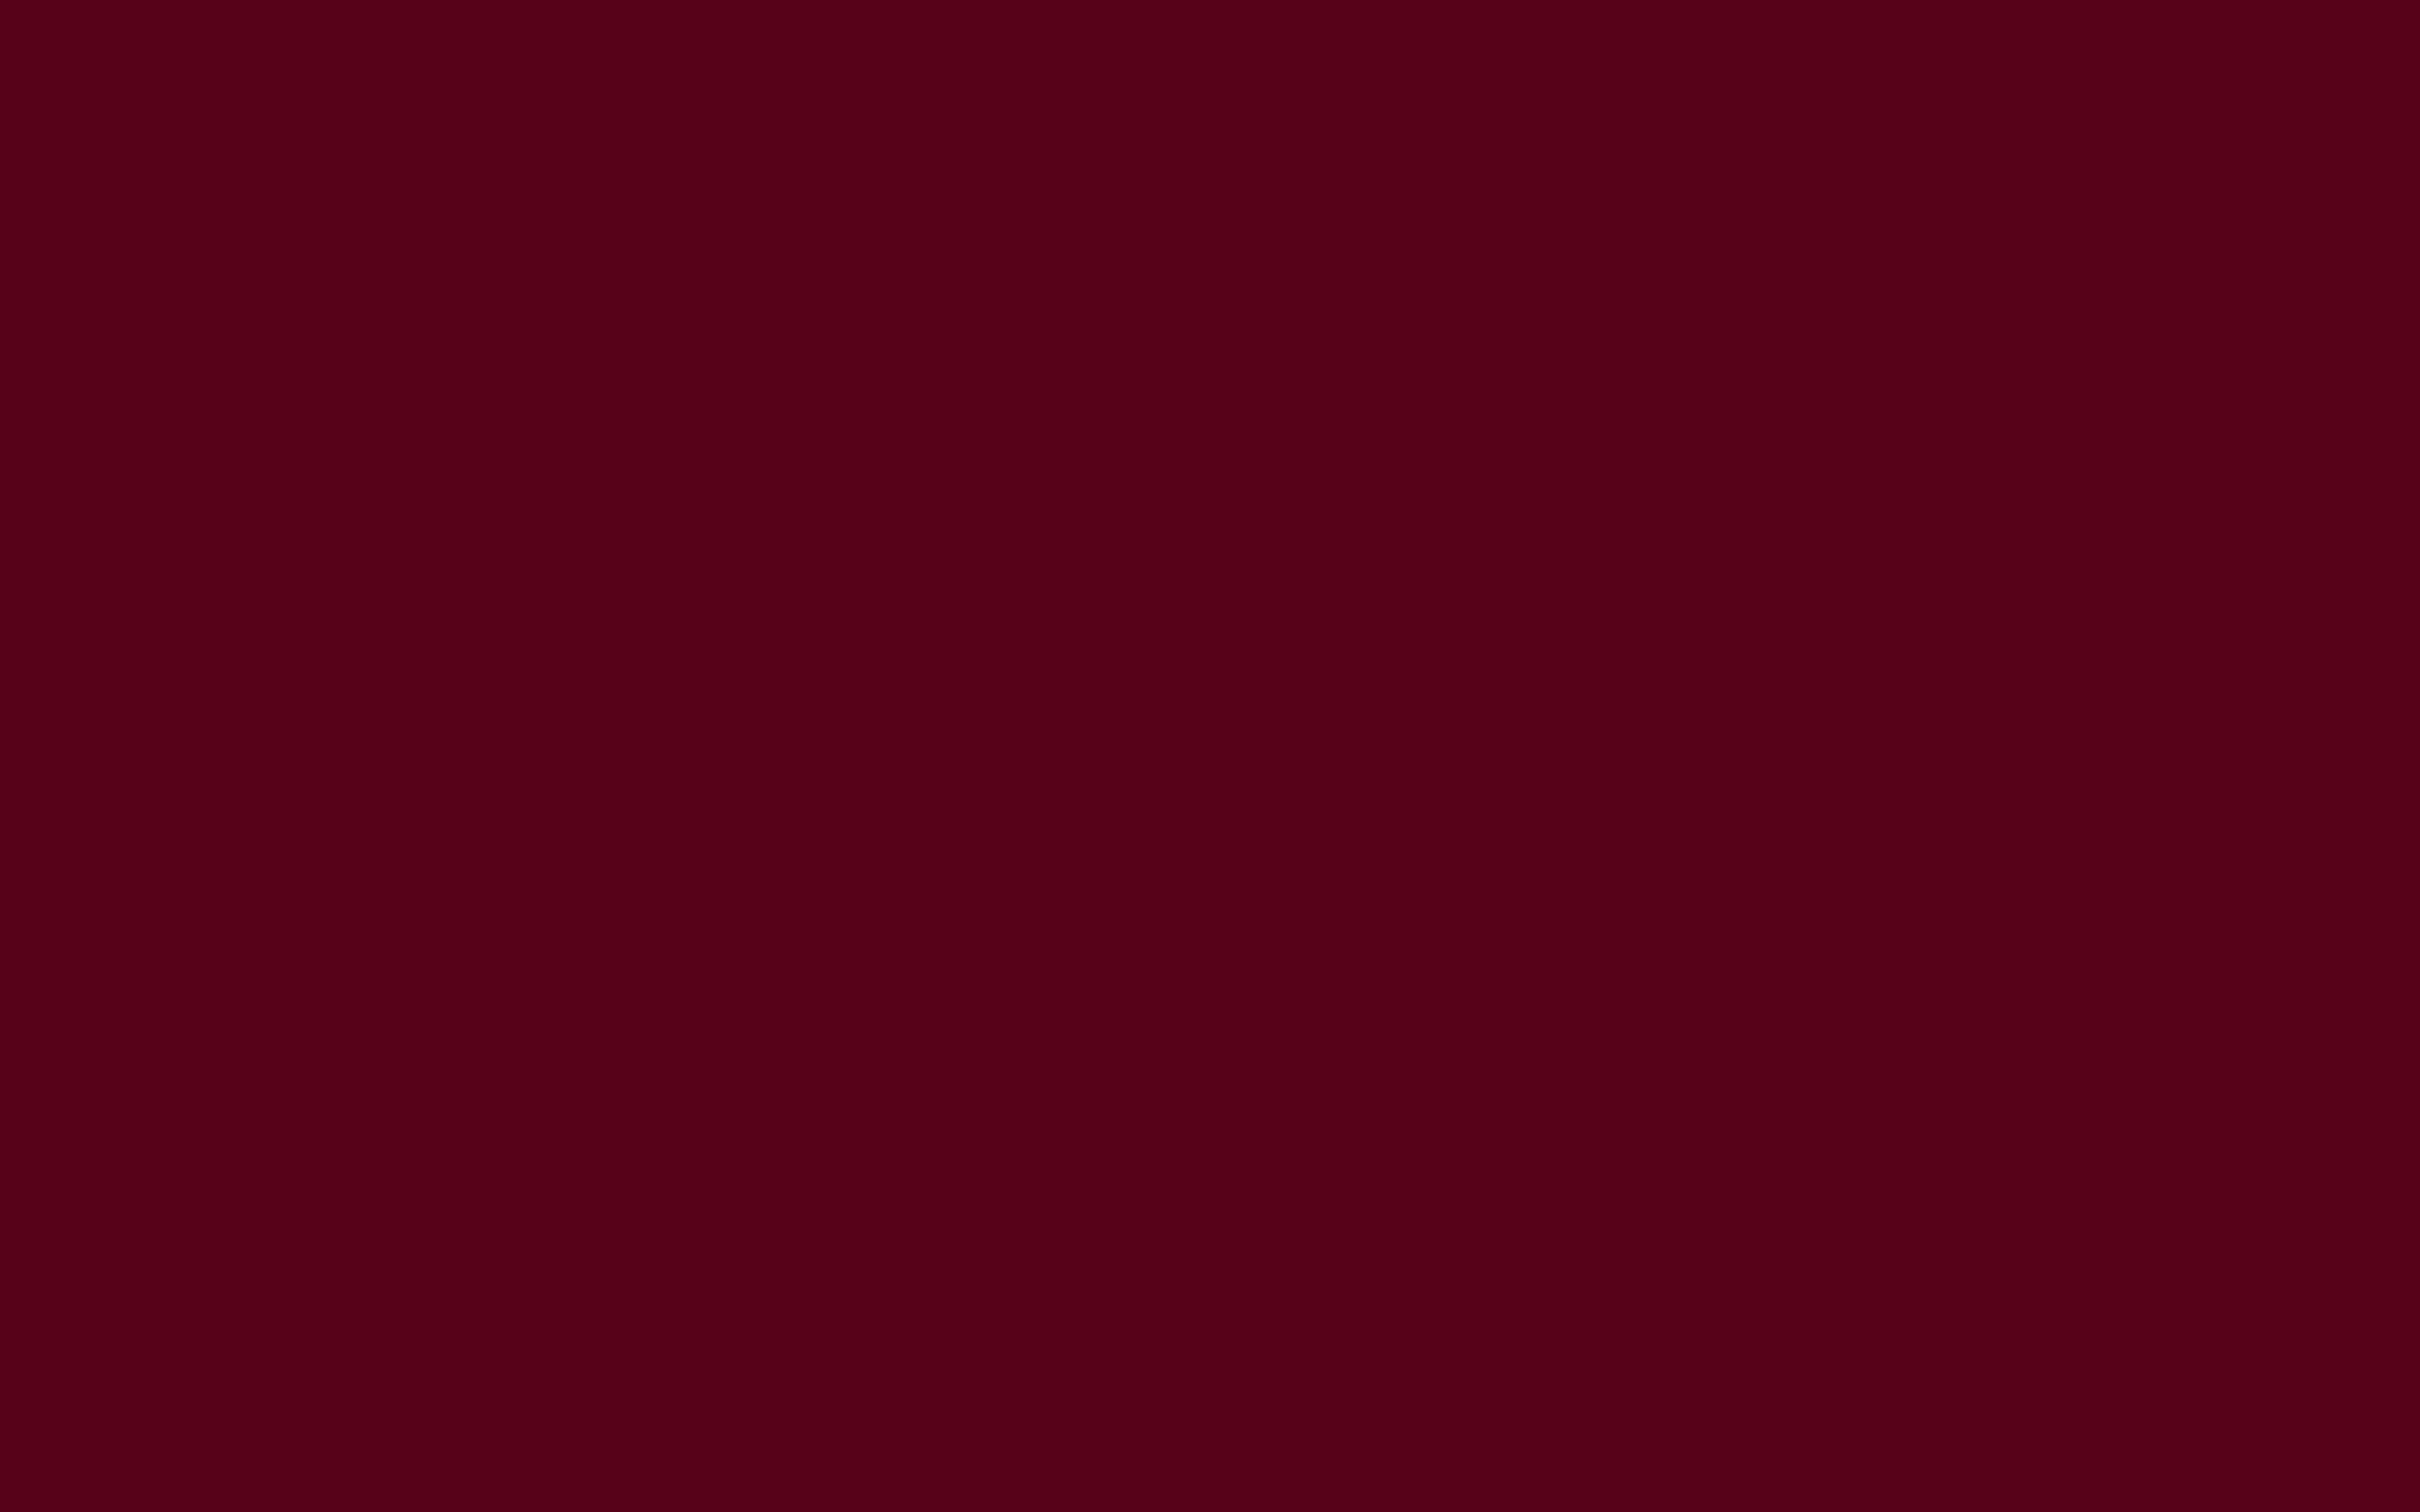 2560x1600 Dark Scarlet Solid Color Background